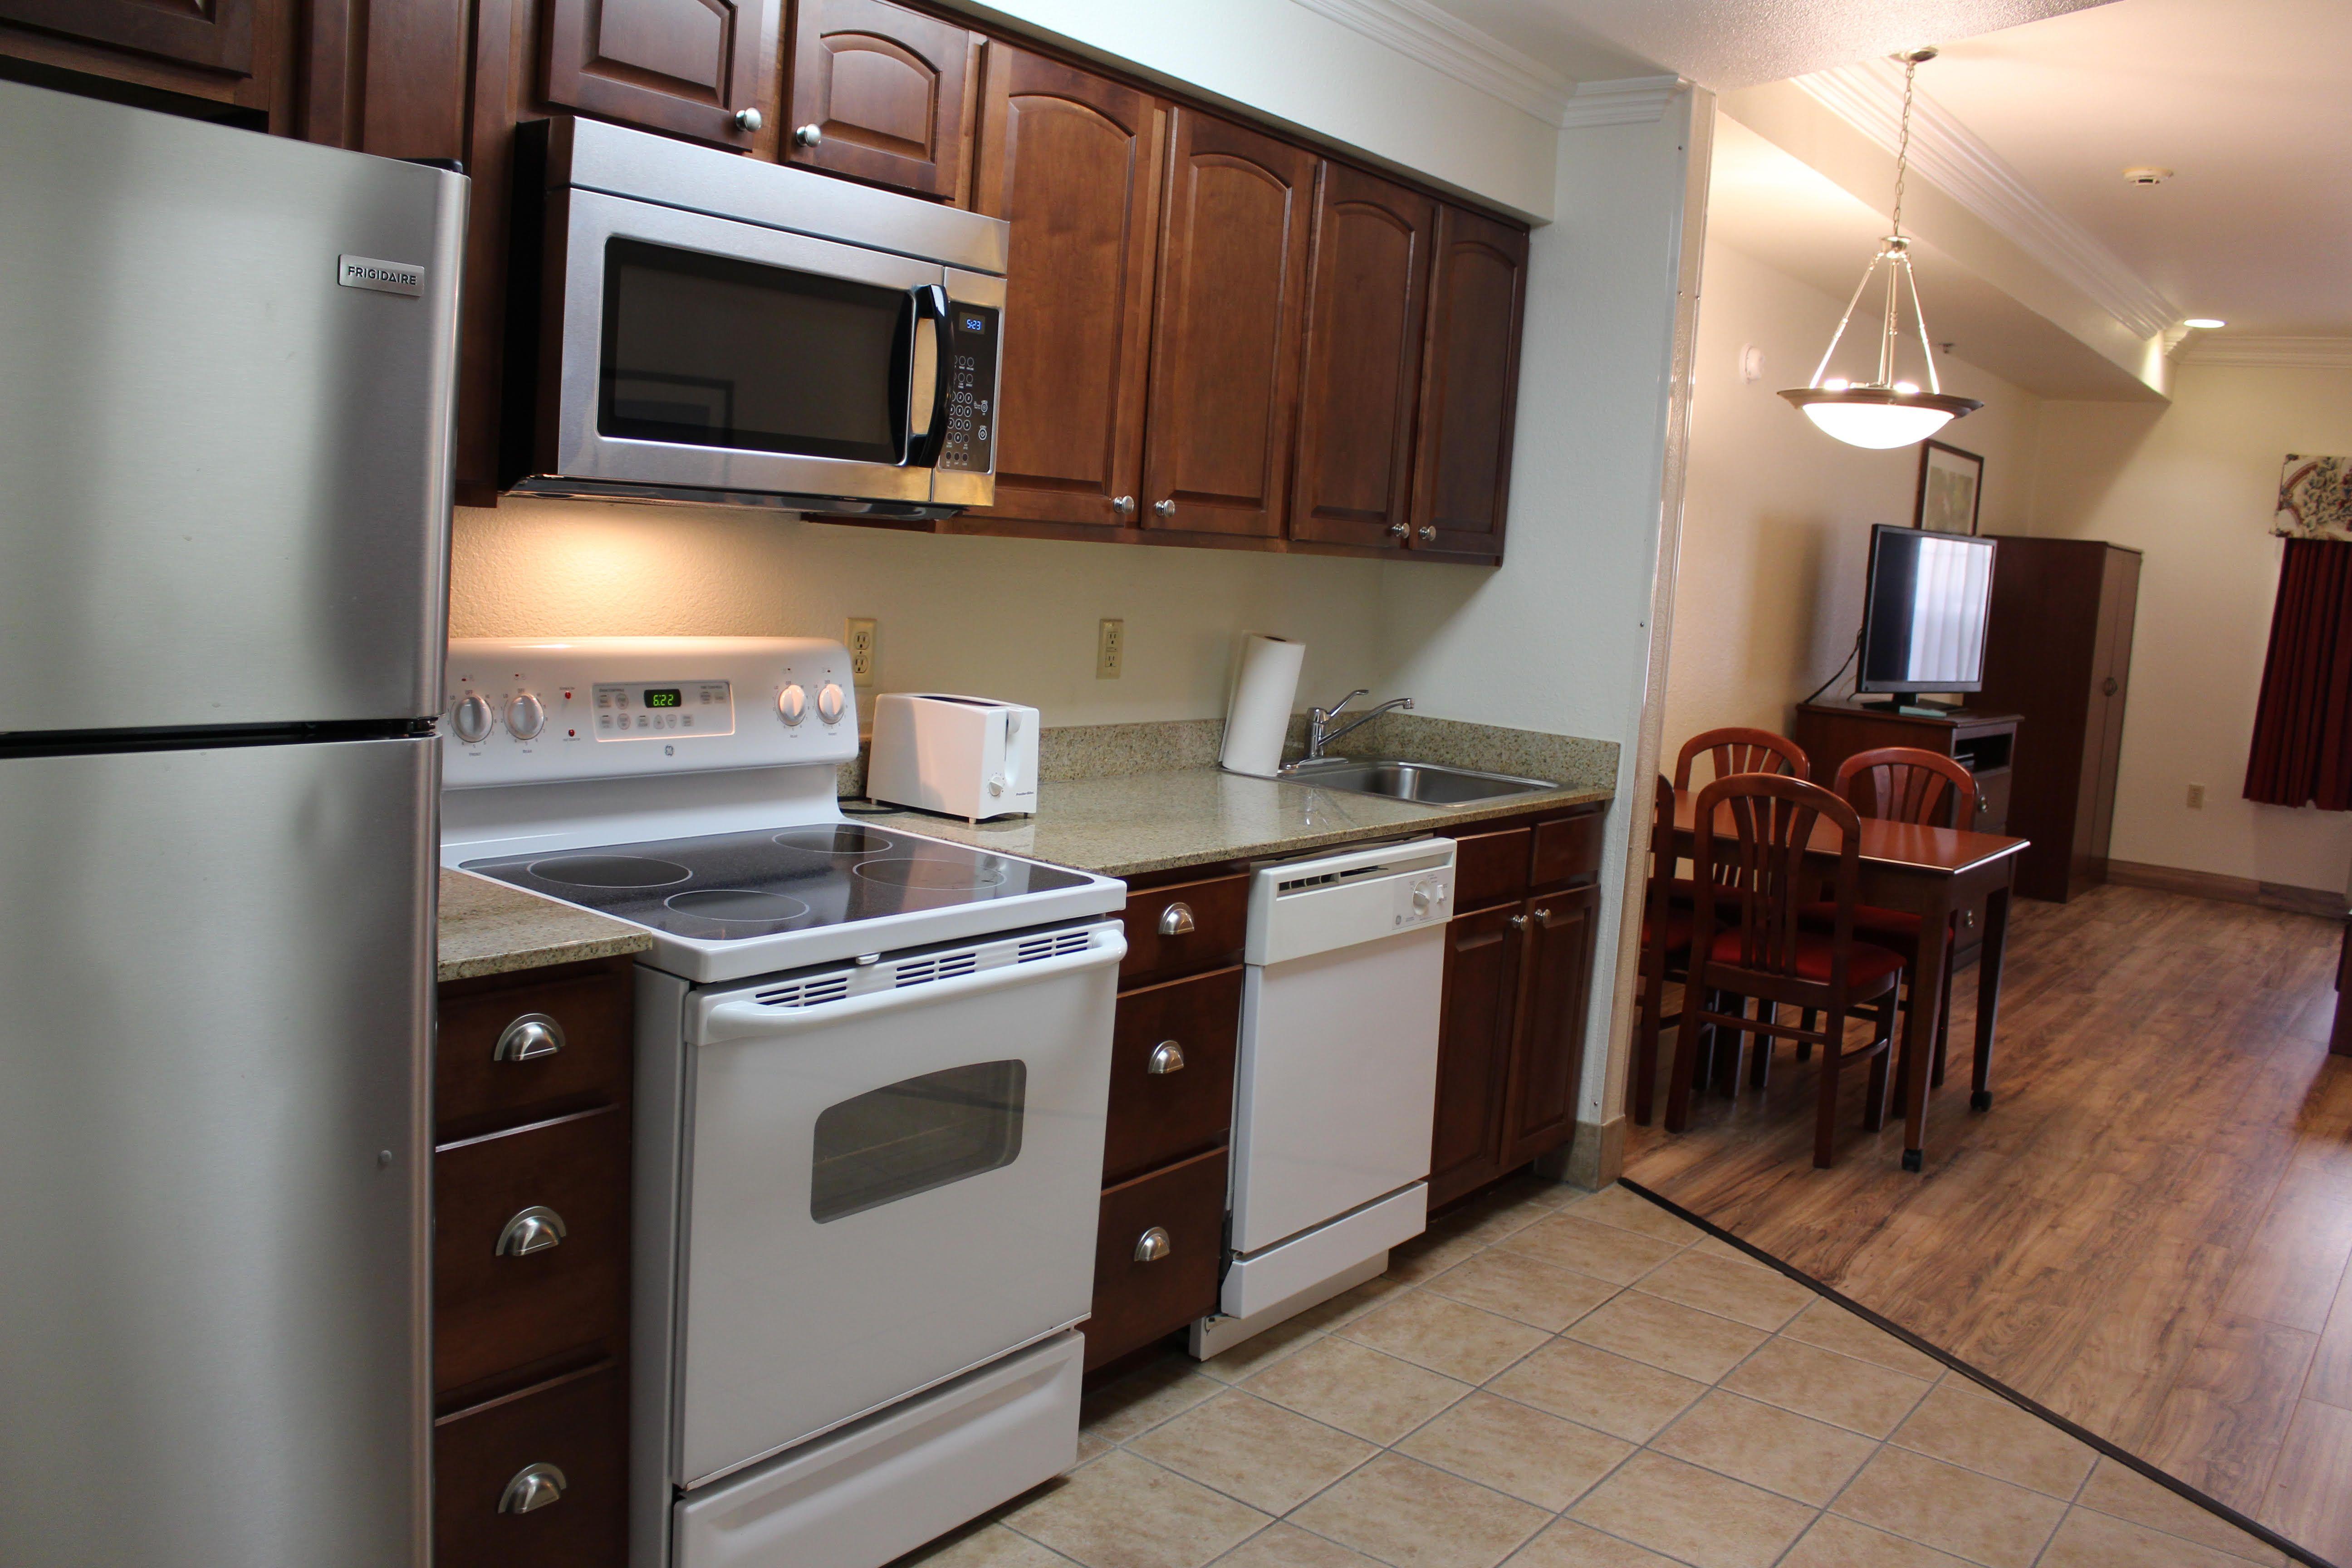 Stay at Apartment Near Atlantic City NJ is providing easy